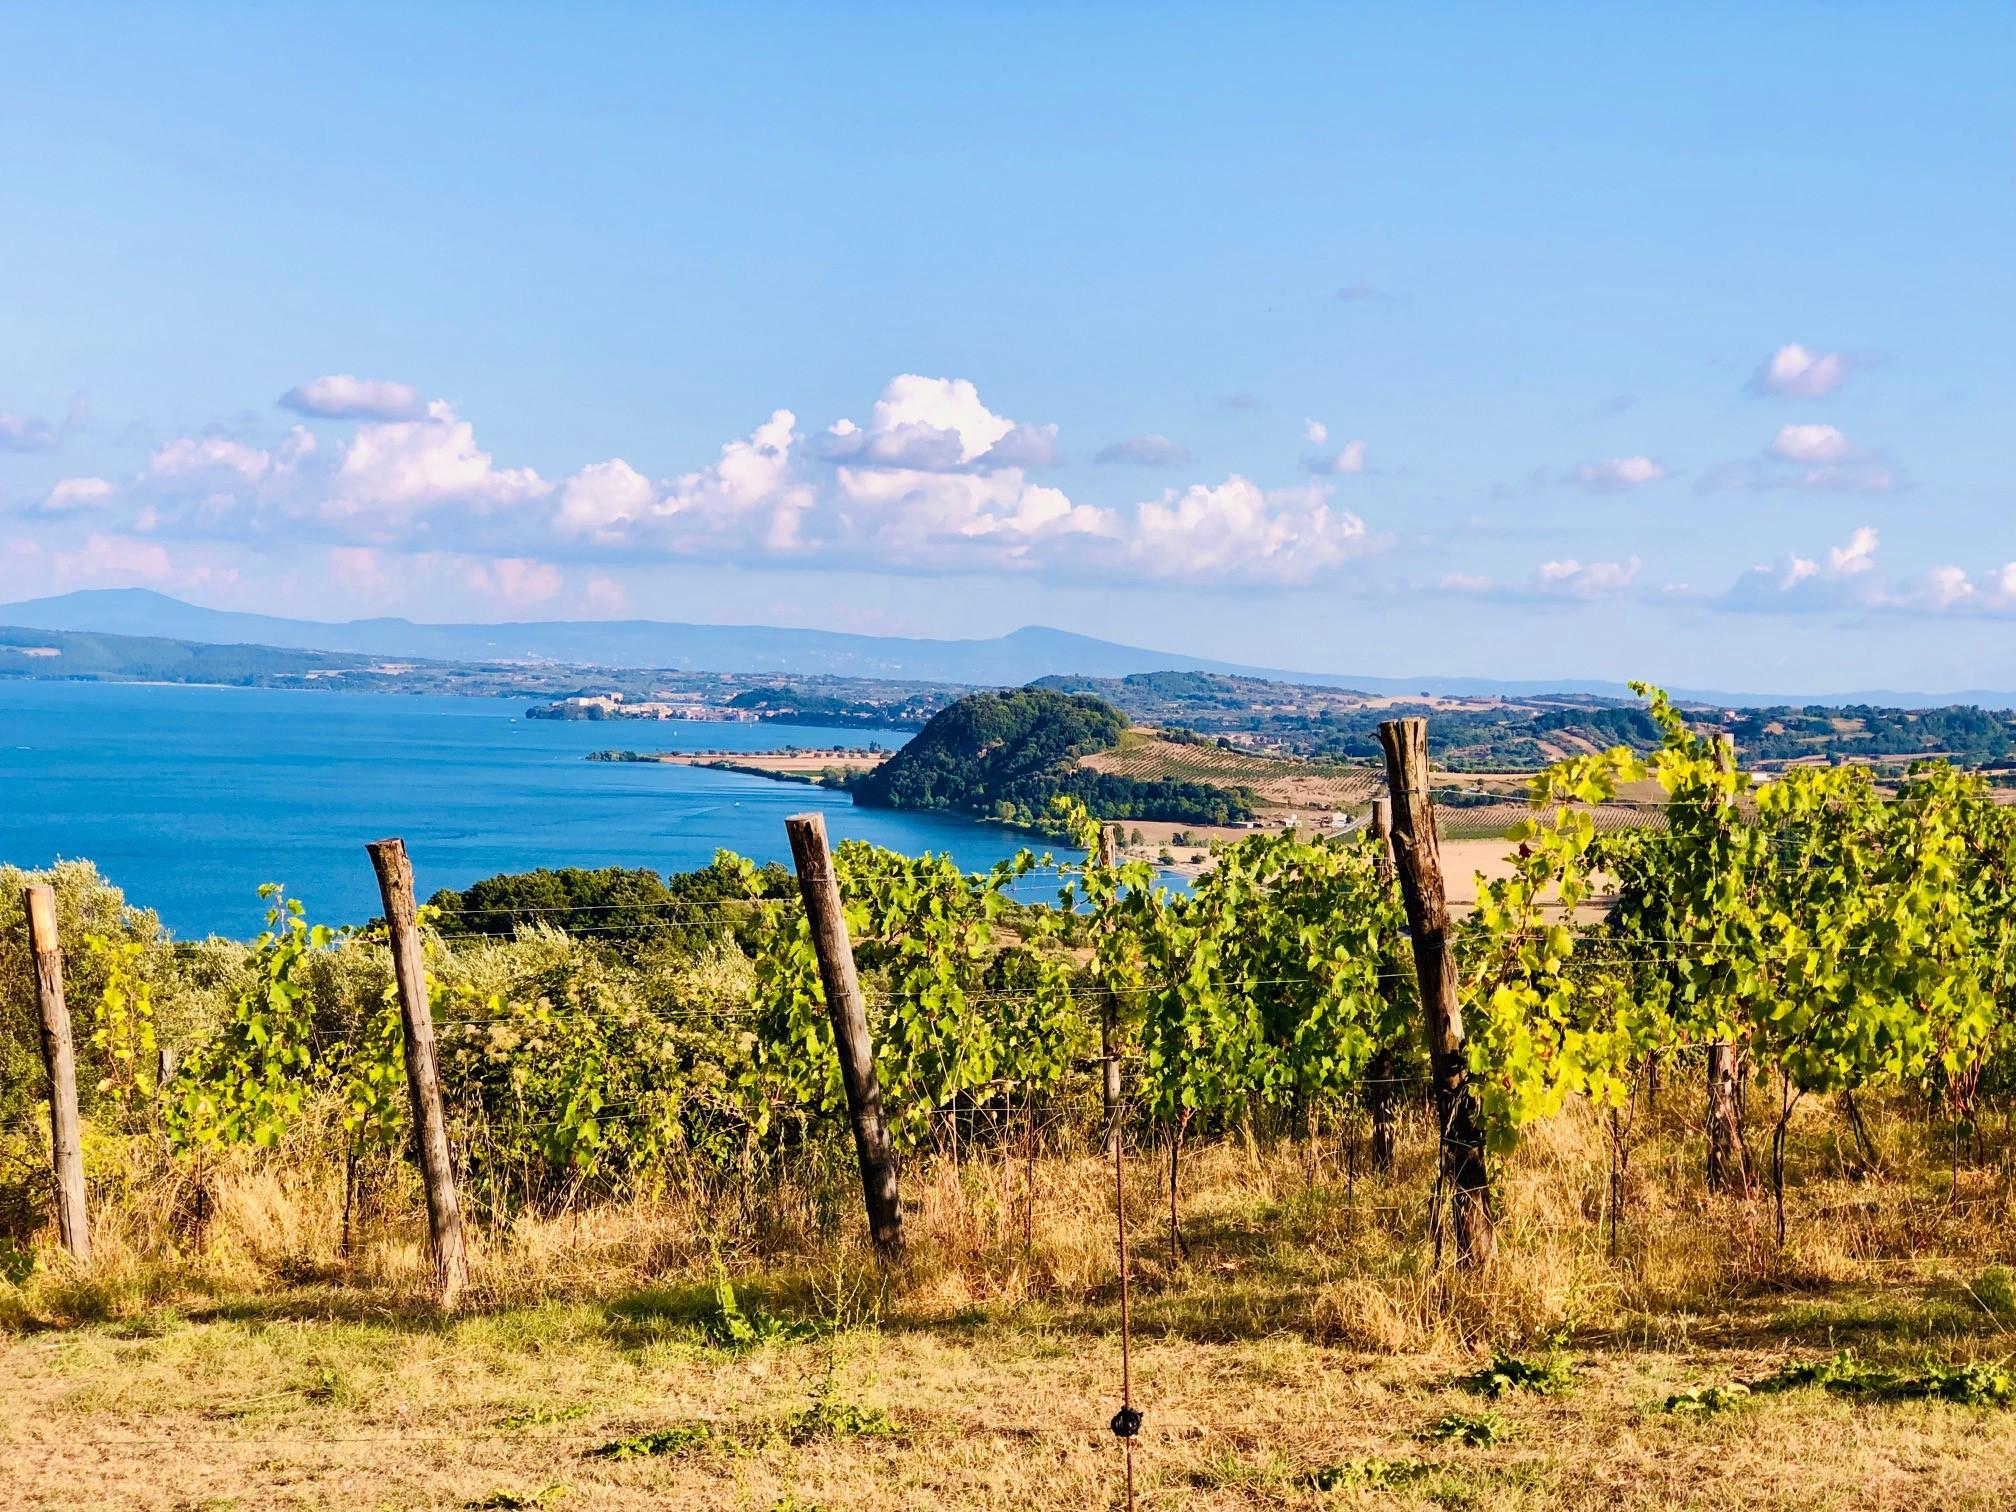 Vulkanske viner fra Bolsena – Andrea Occhipinti